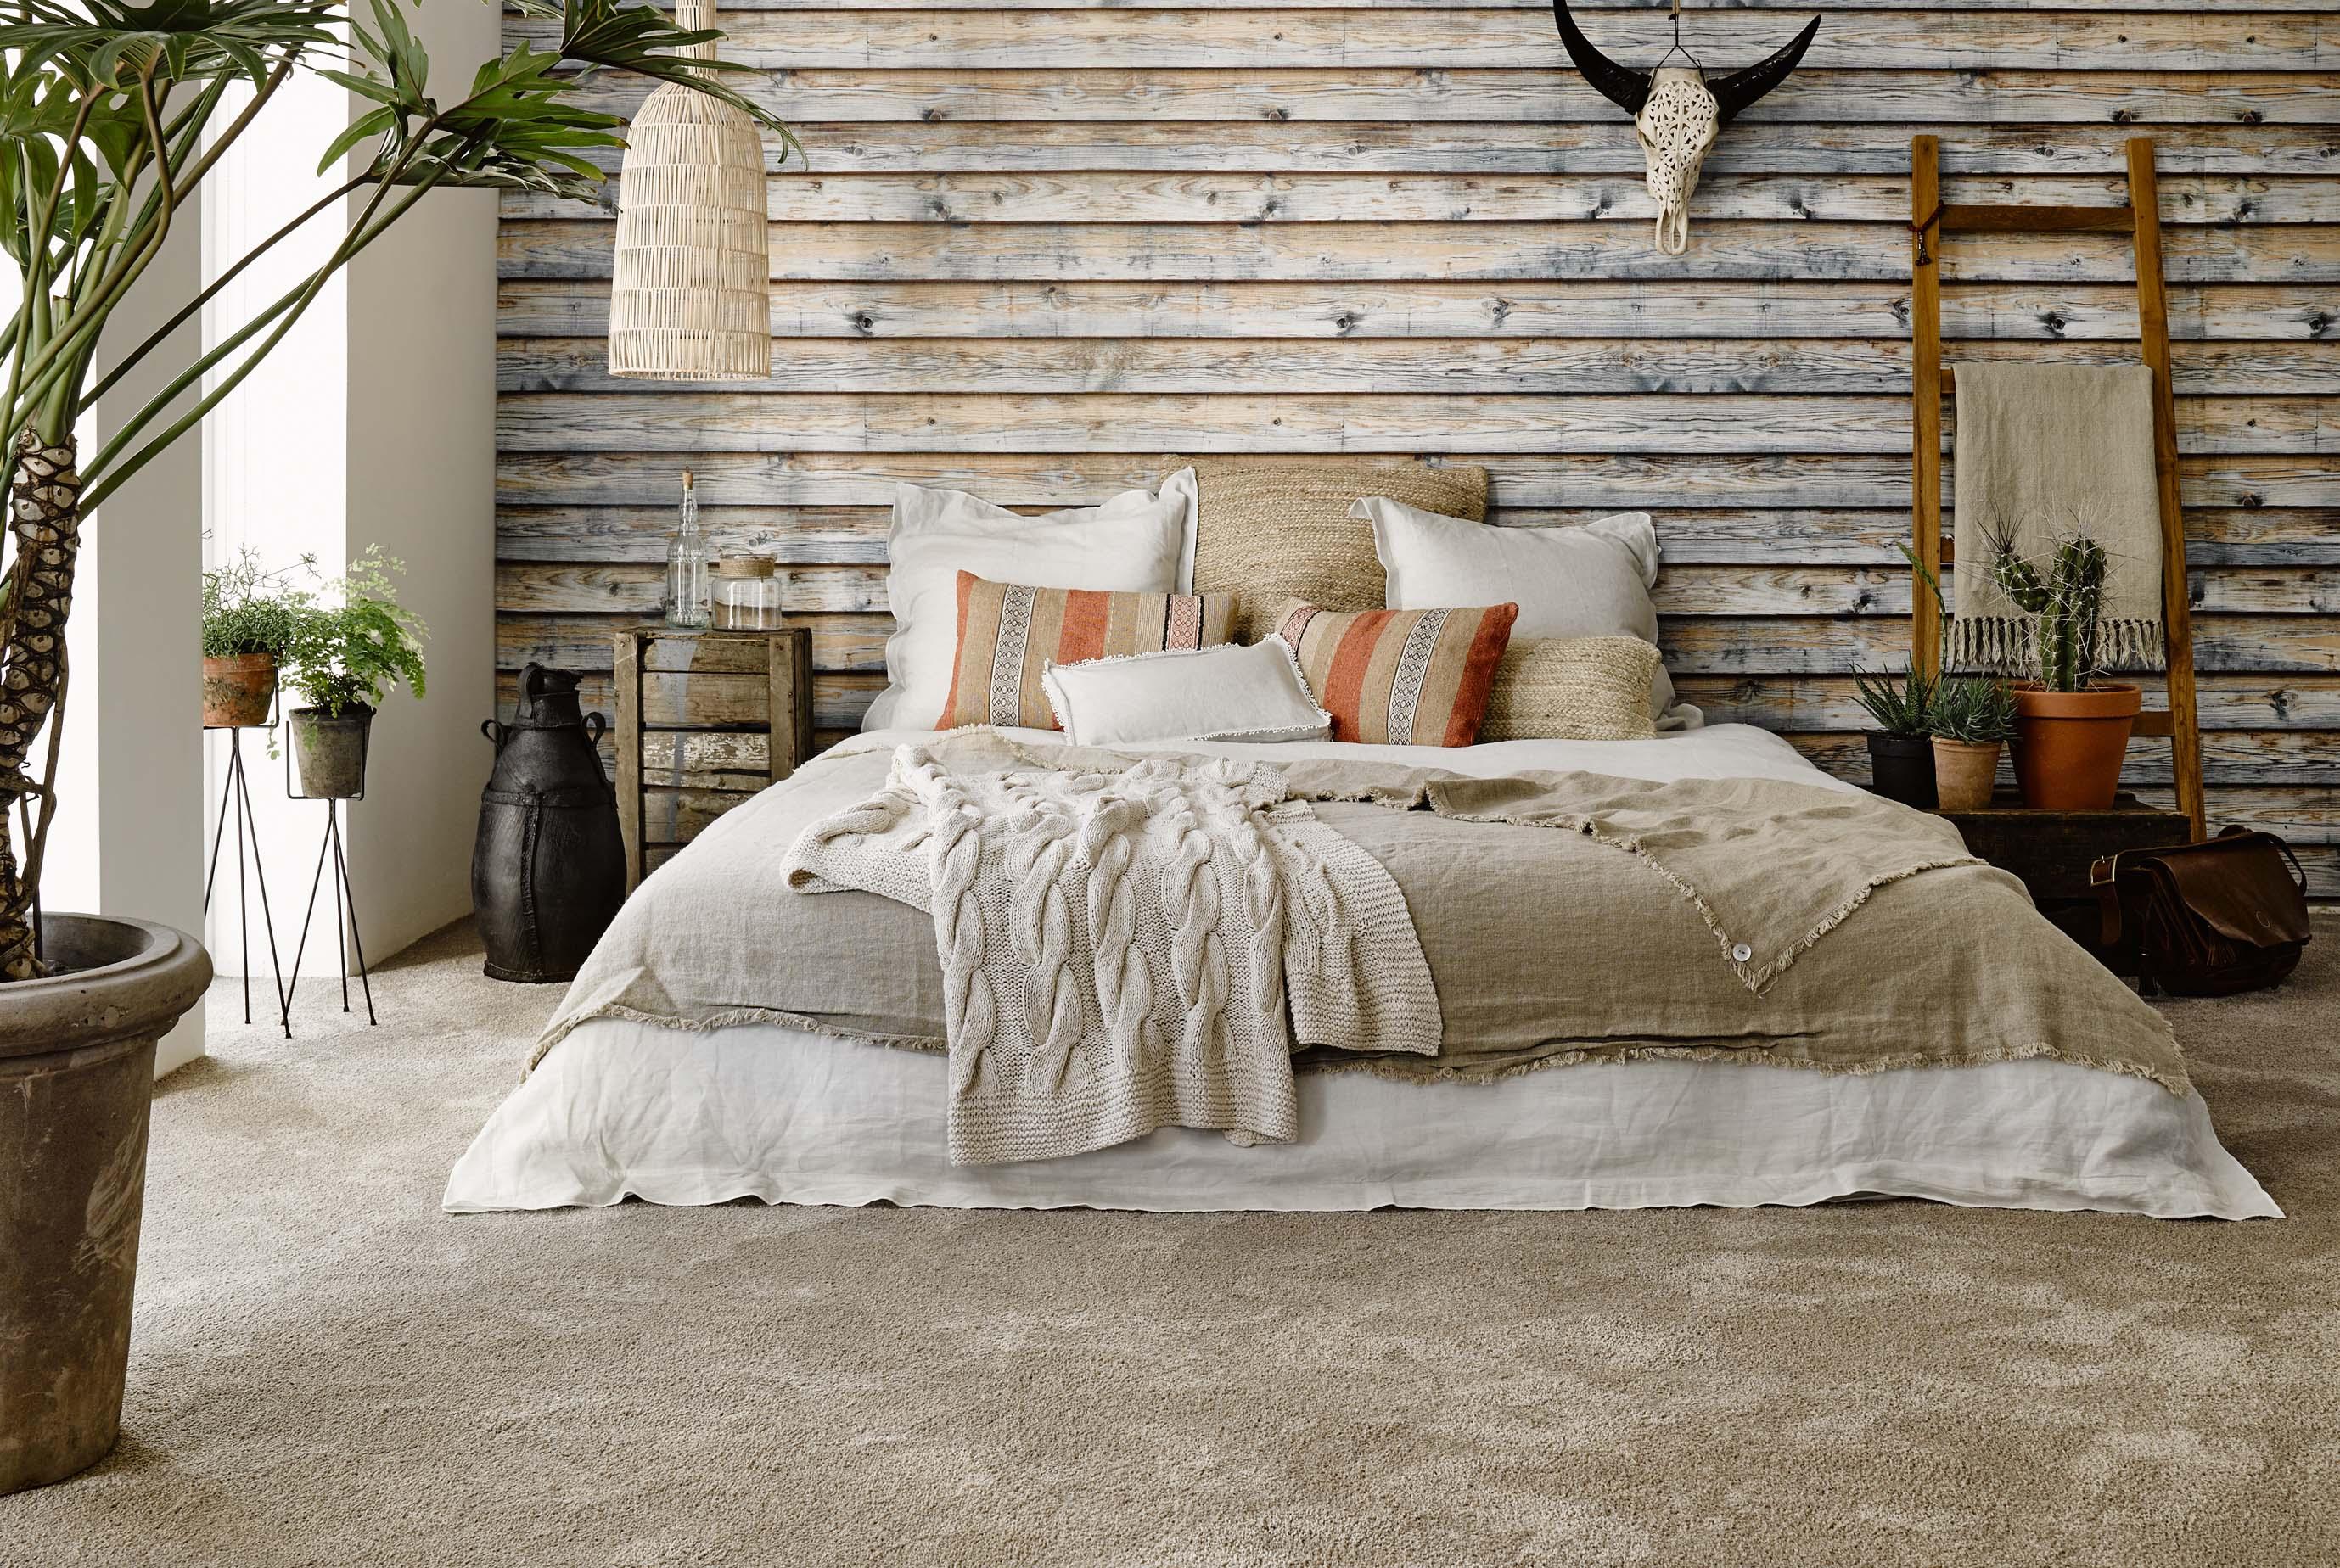 Slaapkamer vloerbedekking of laminaat?   tg wonen woonmagazine